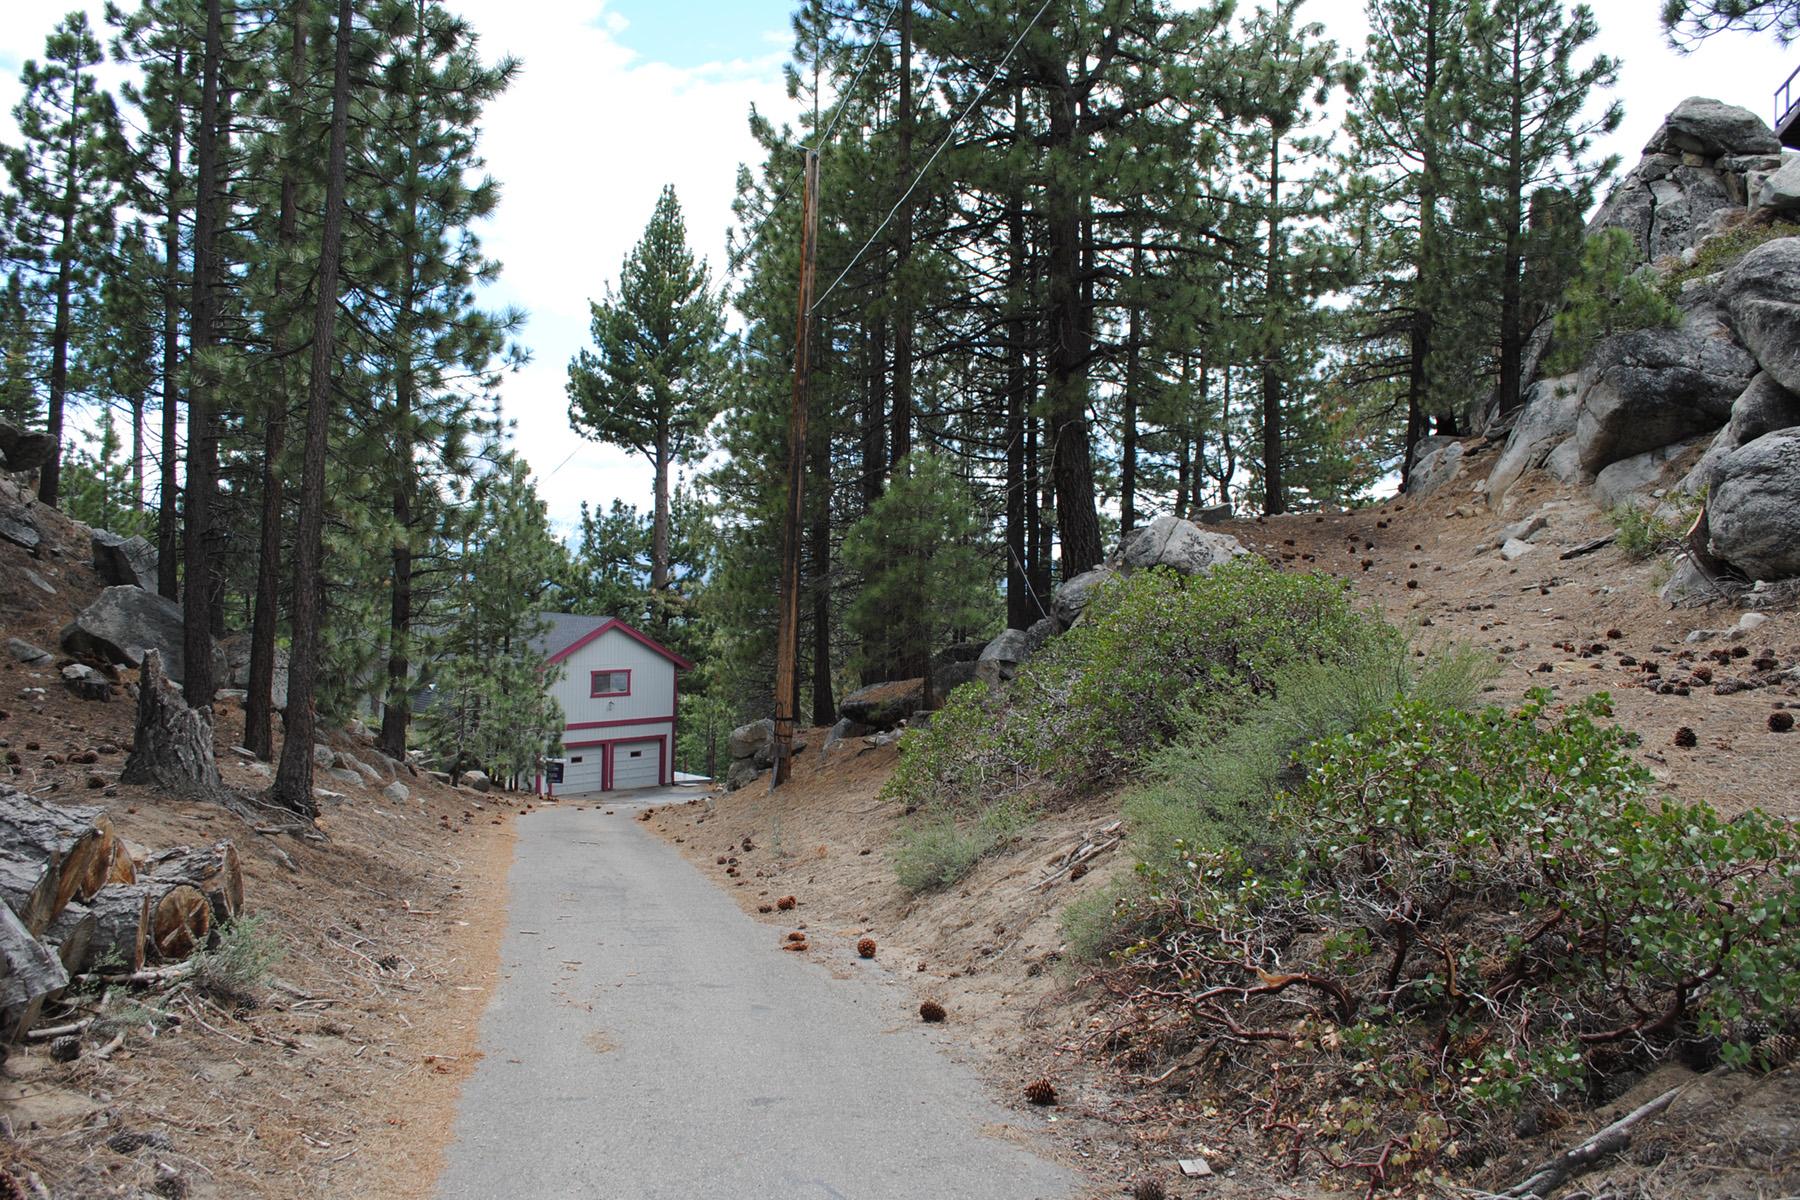 独户住宅 为 销售 在 194 Hubbard Drive, Stateline, Nevada 89449 Stateline, 内华达州 89449 美国